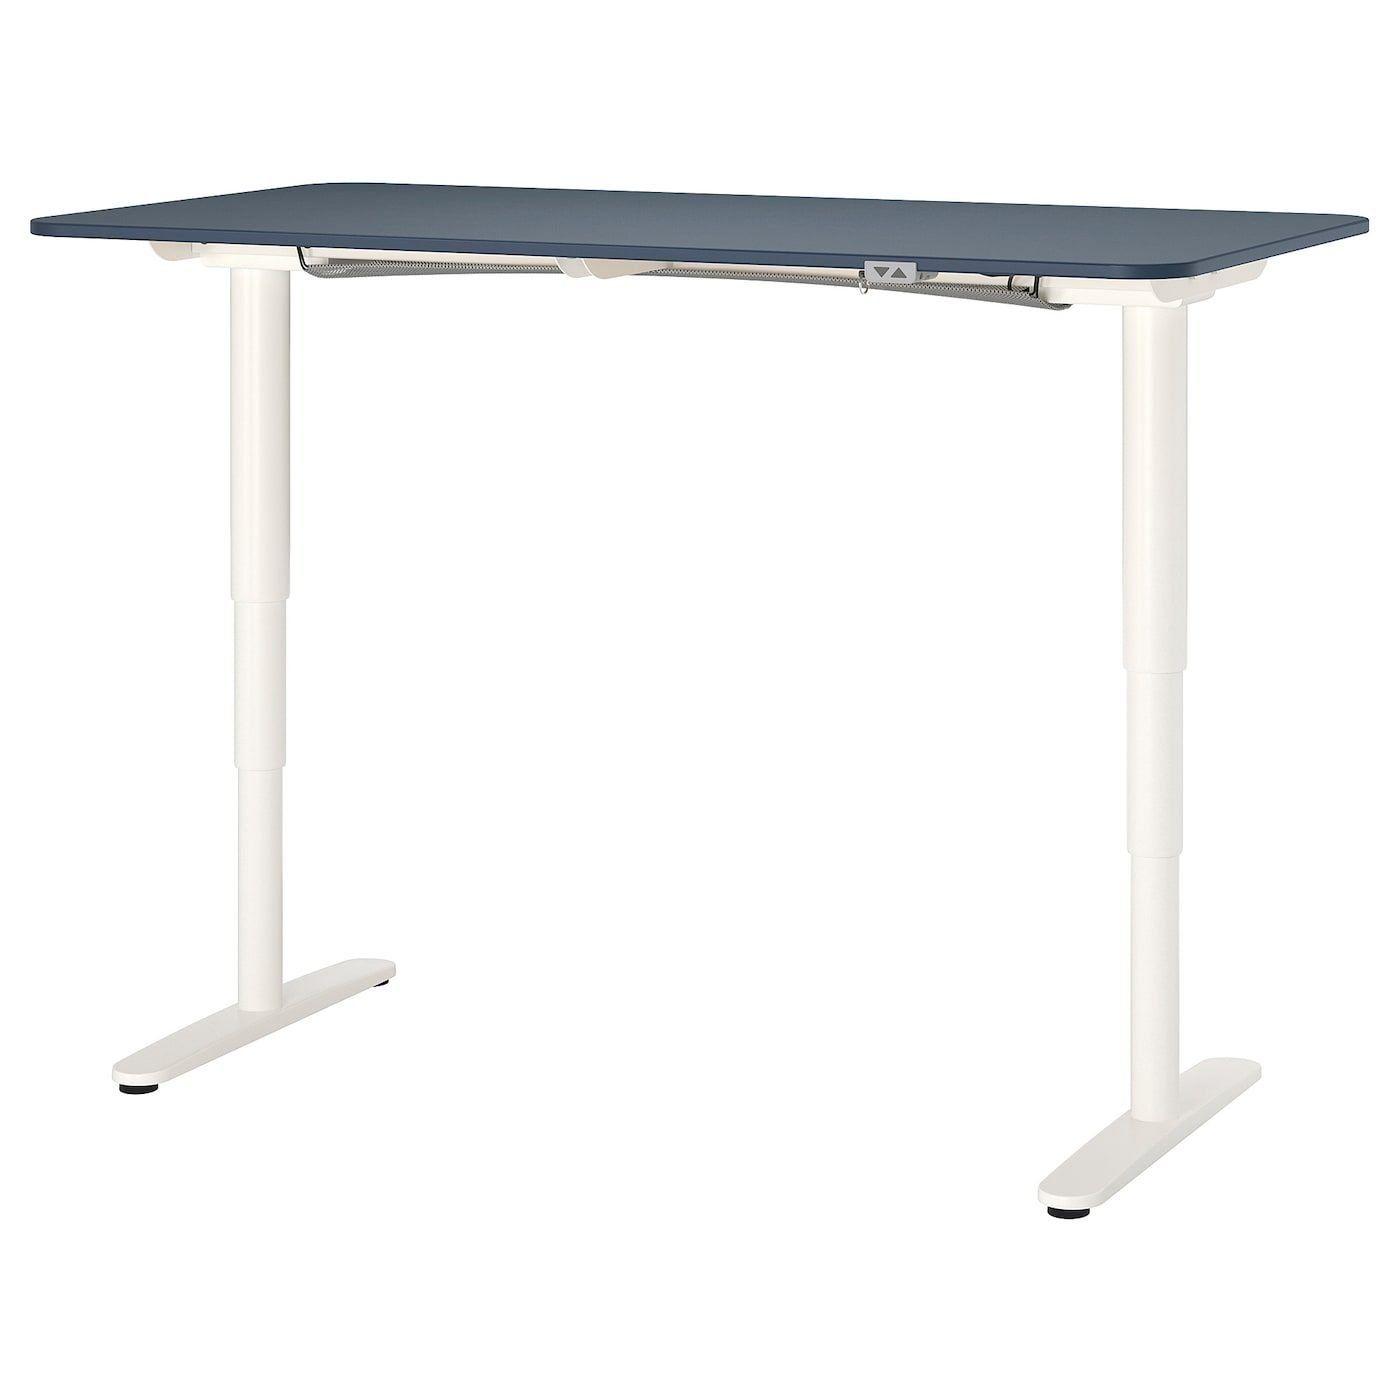 Ikea Bekant Desk Sit Stand 1000 In 2020 Ikea Bekant Ikea Bekant Desk Ikea